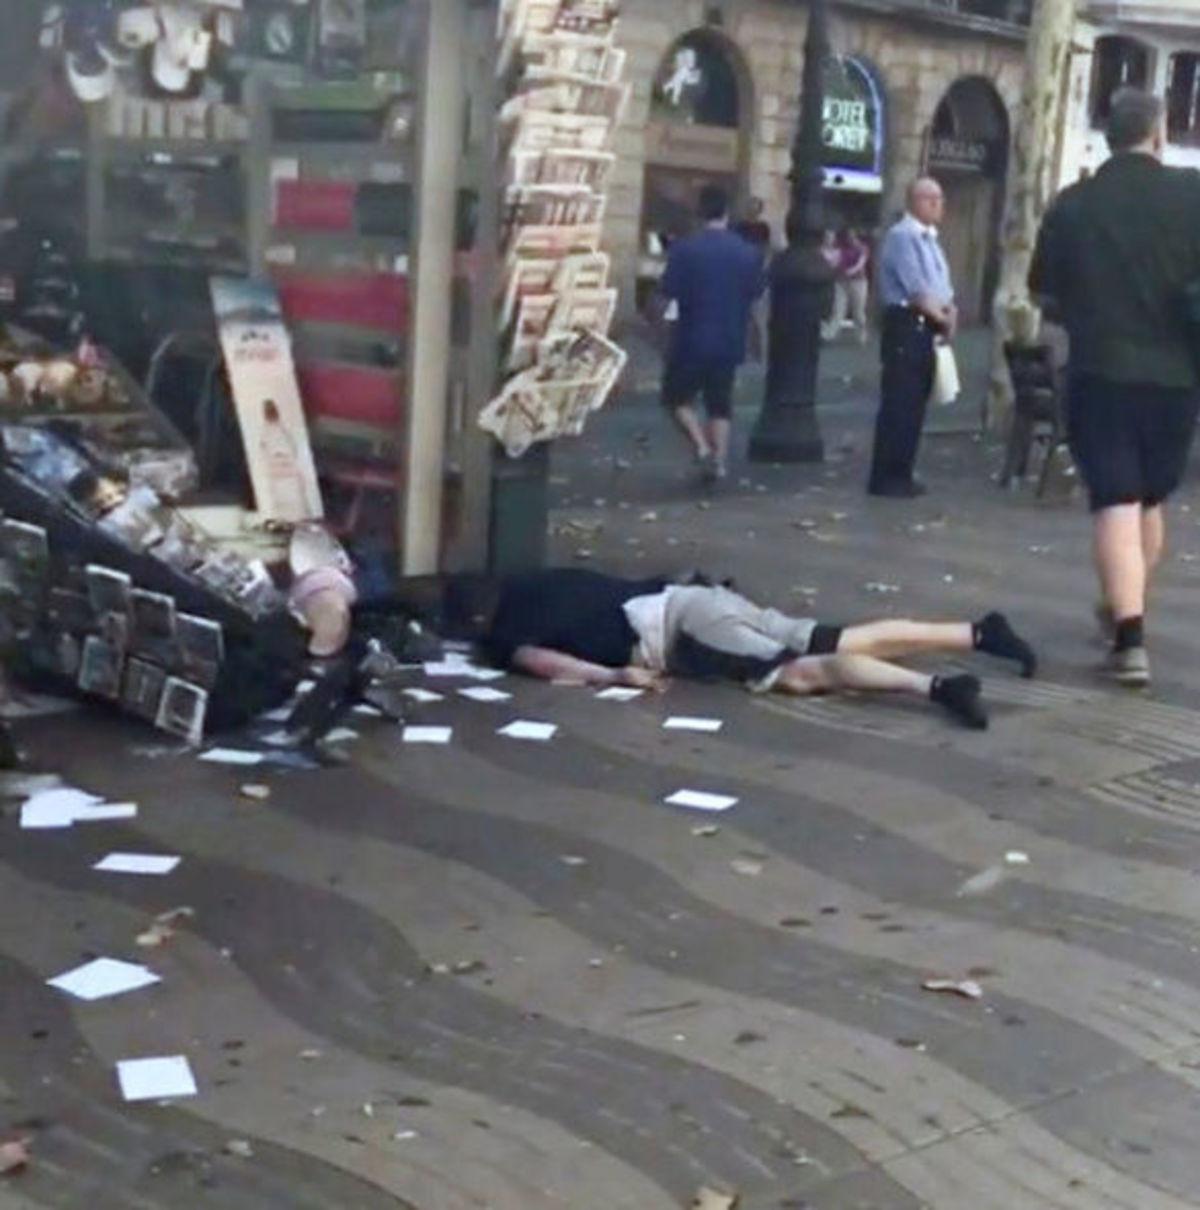 Επίθεση στη Βαρκελώνη: Το μακελειό σε σκληρές εικόνες – Χάος, πτώματα και θρήνος